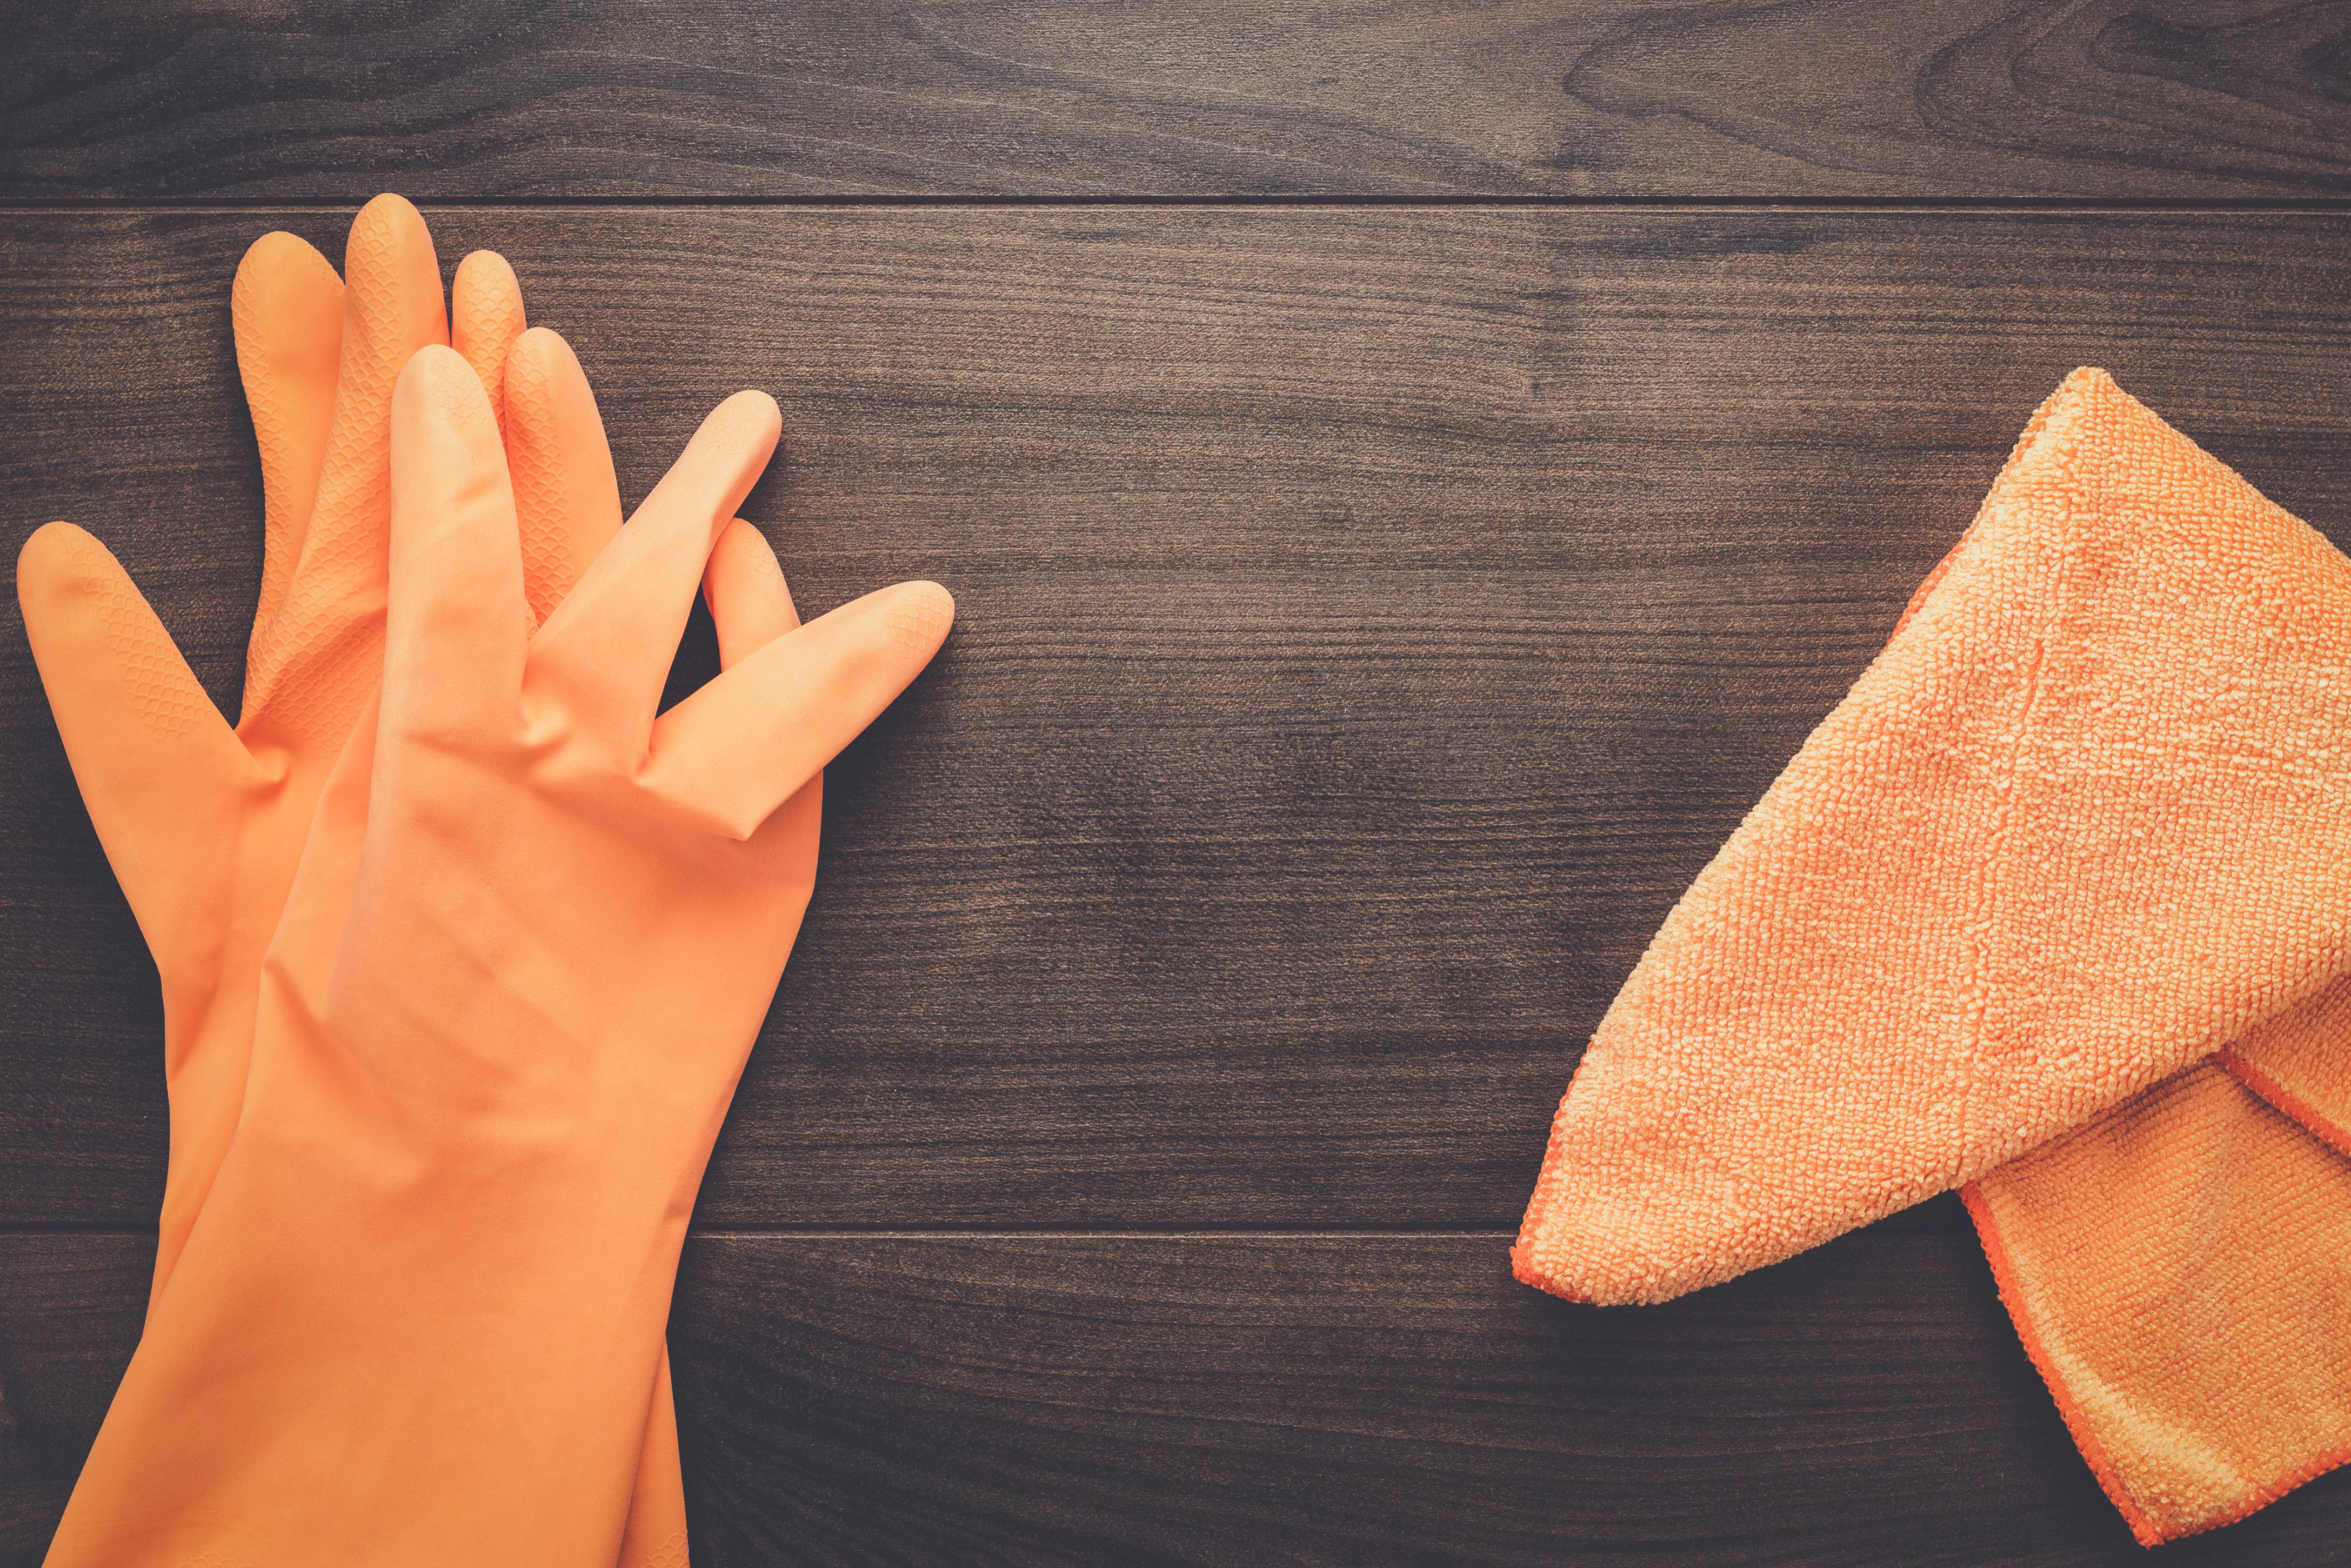 orange-rubber-cleaning-gloves-PYYKK9K